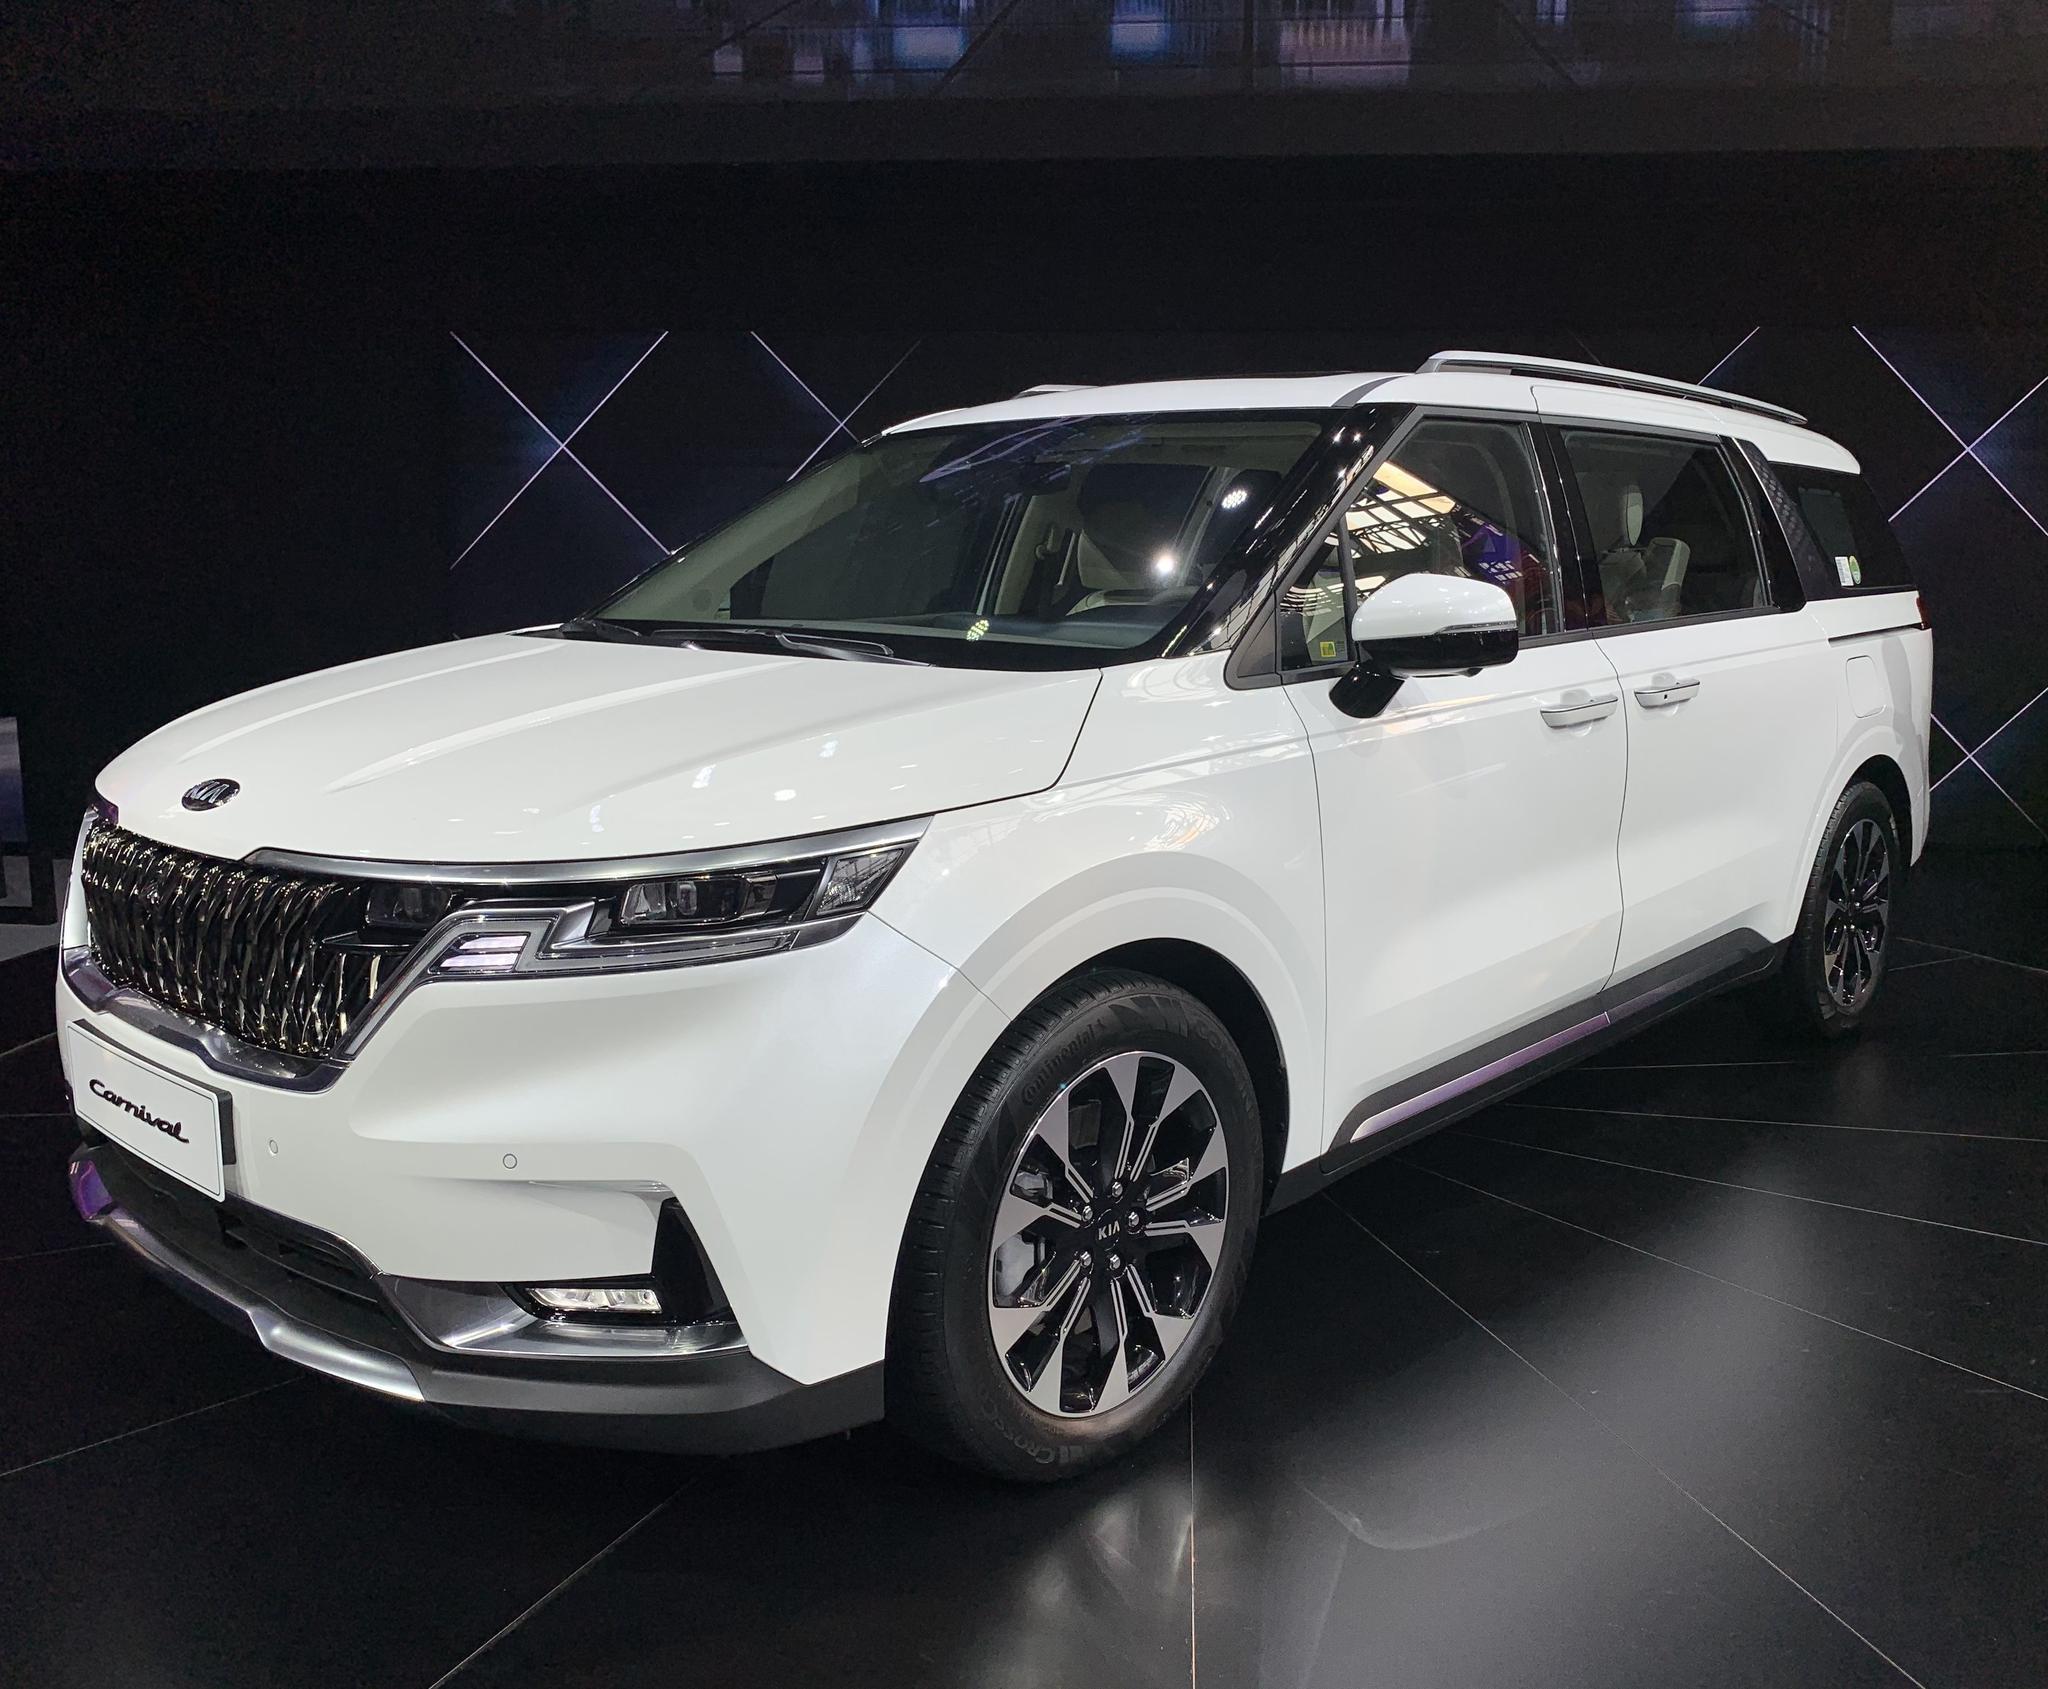 2020北京车展㊿|东风悦达起亚发布新十年战略愿景图片